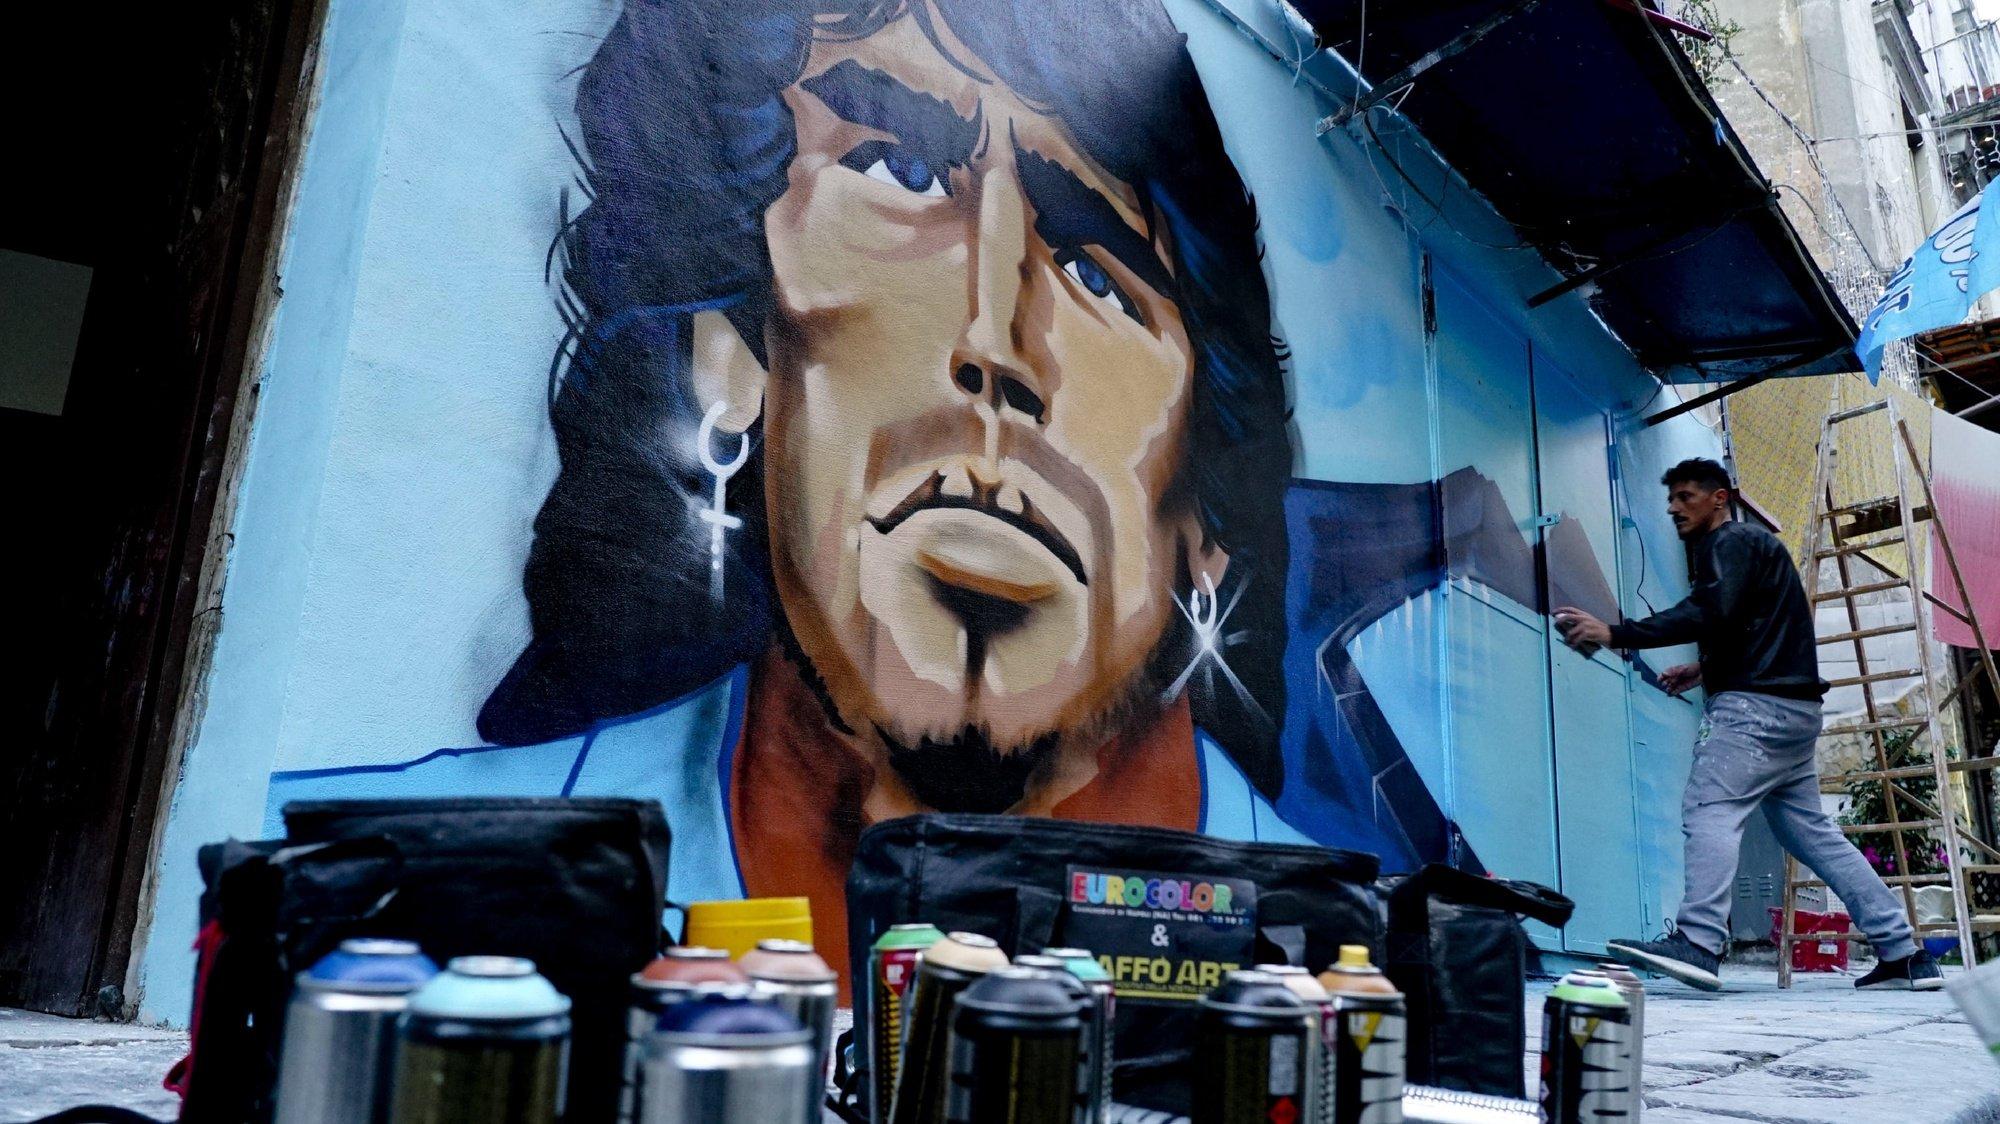 epa08849390 The mural of Diego Armando Maradona created by the writer Raffo Art in the Sanità district in Naples, Italy, 28 November 2020.  EPA/CIRO FUSCO